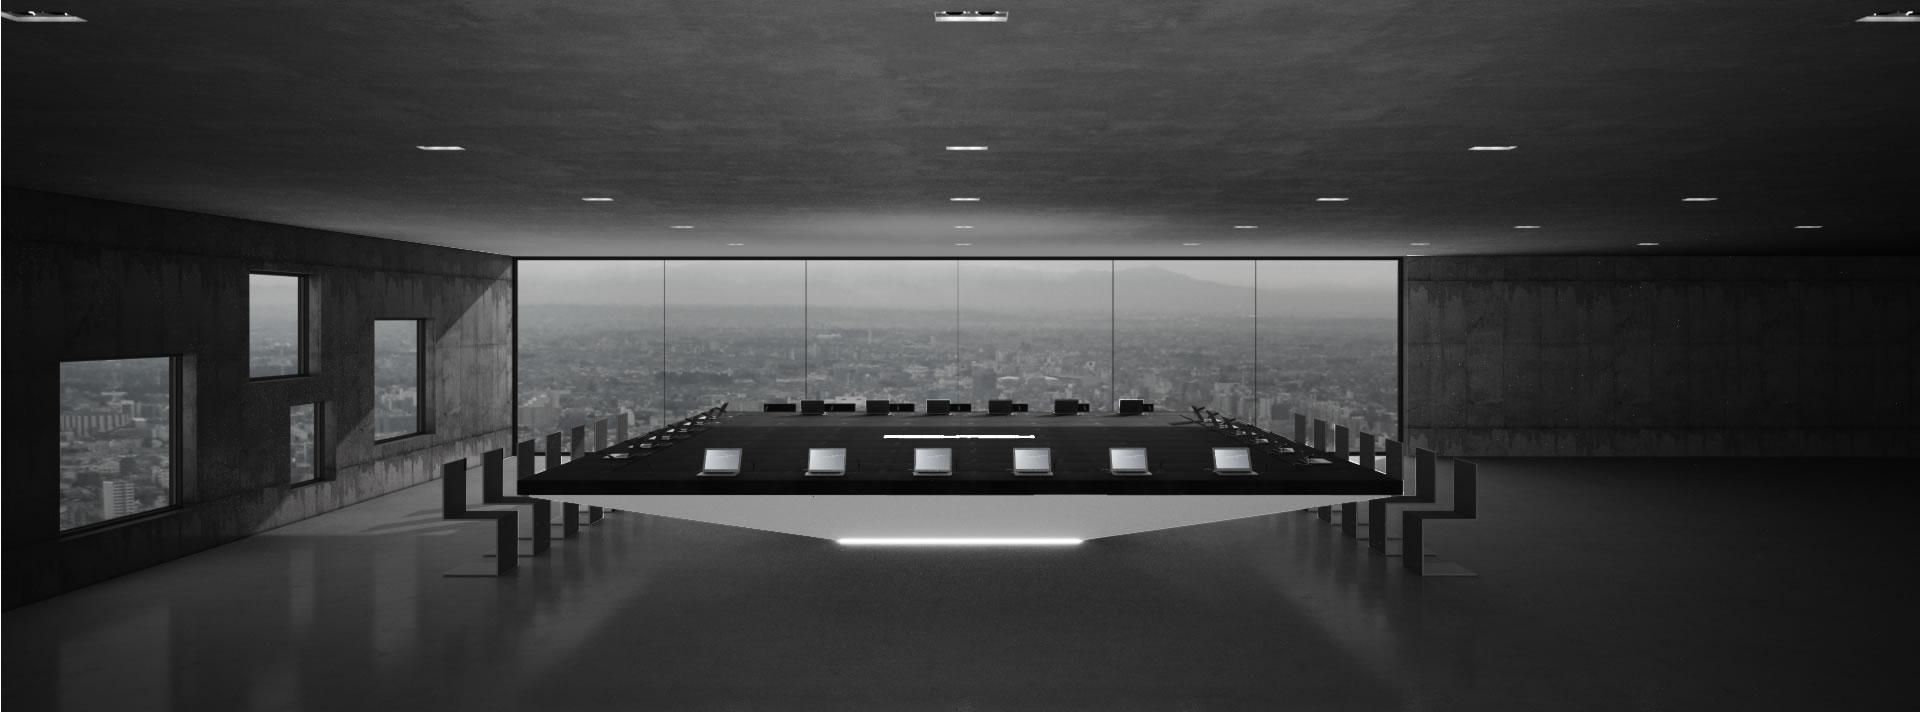 wohnzimmerz: designer tisch with der alu designer esstisch picnyc, Mobel ideea